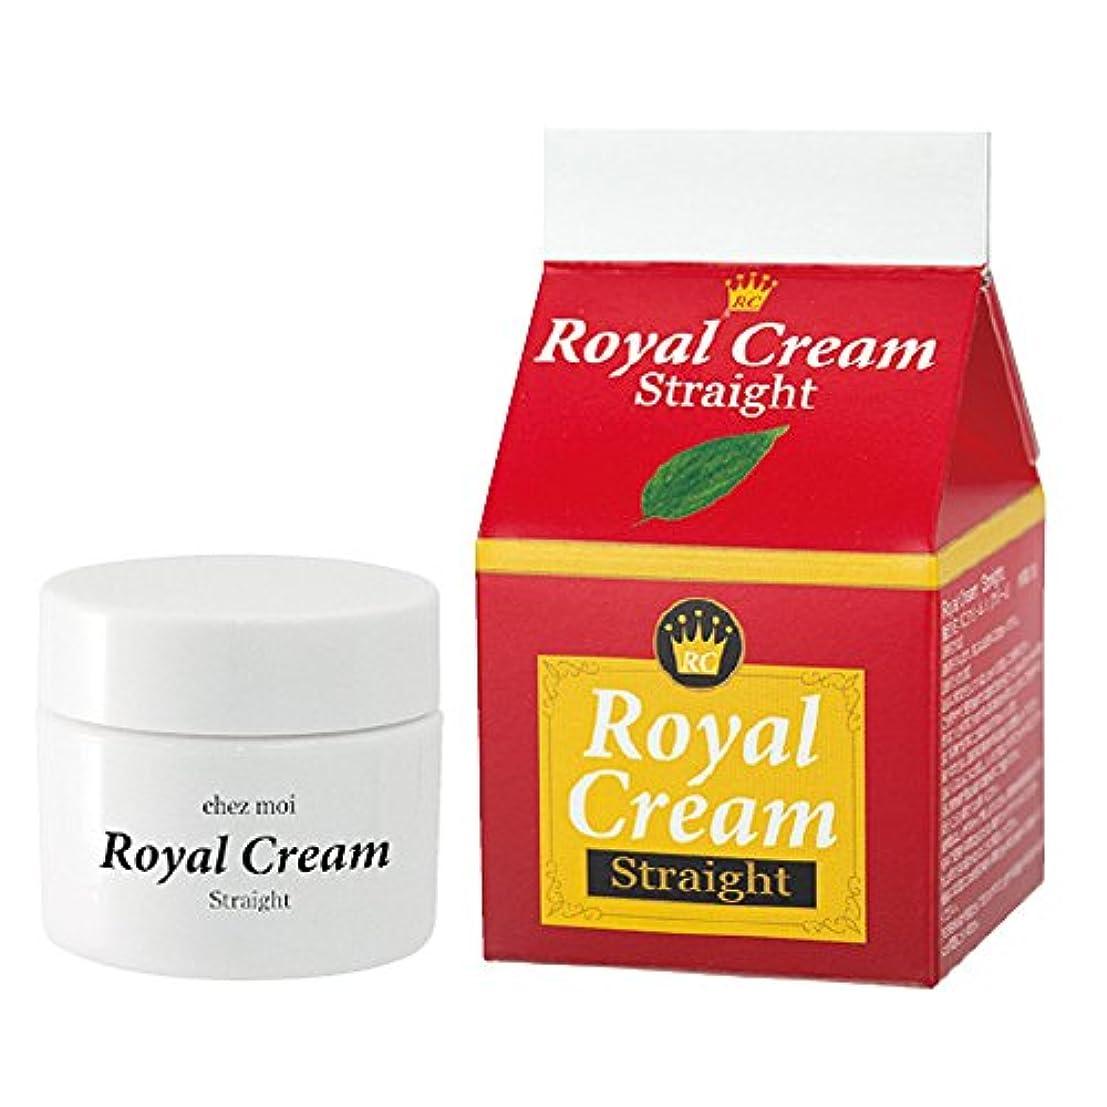 五月郡うがい薬シェモア Royal Cream Straight(ロイヤルクリームストレート) 30g